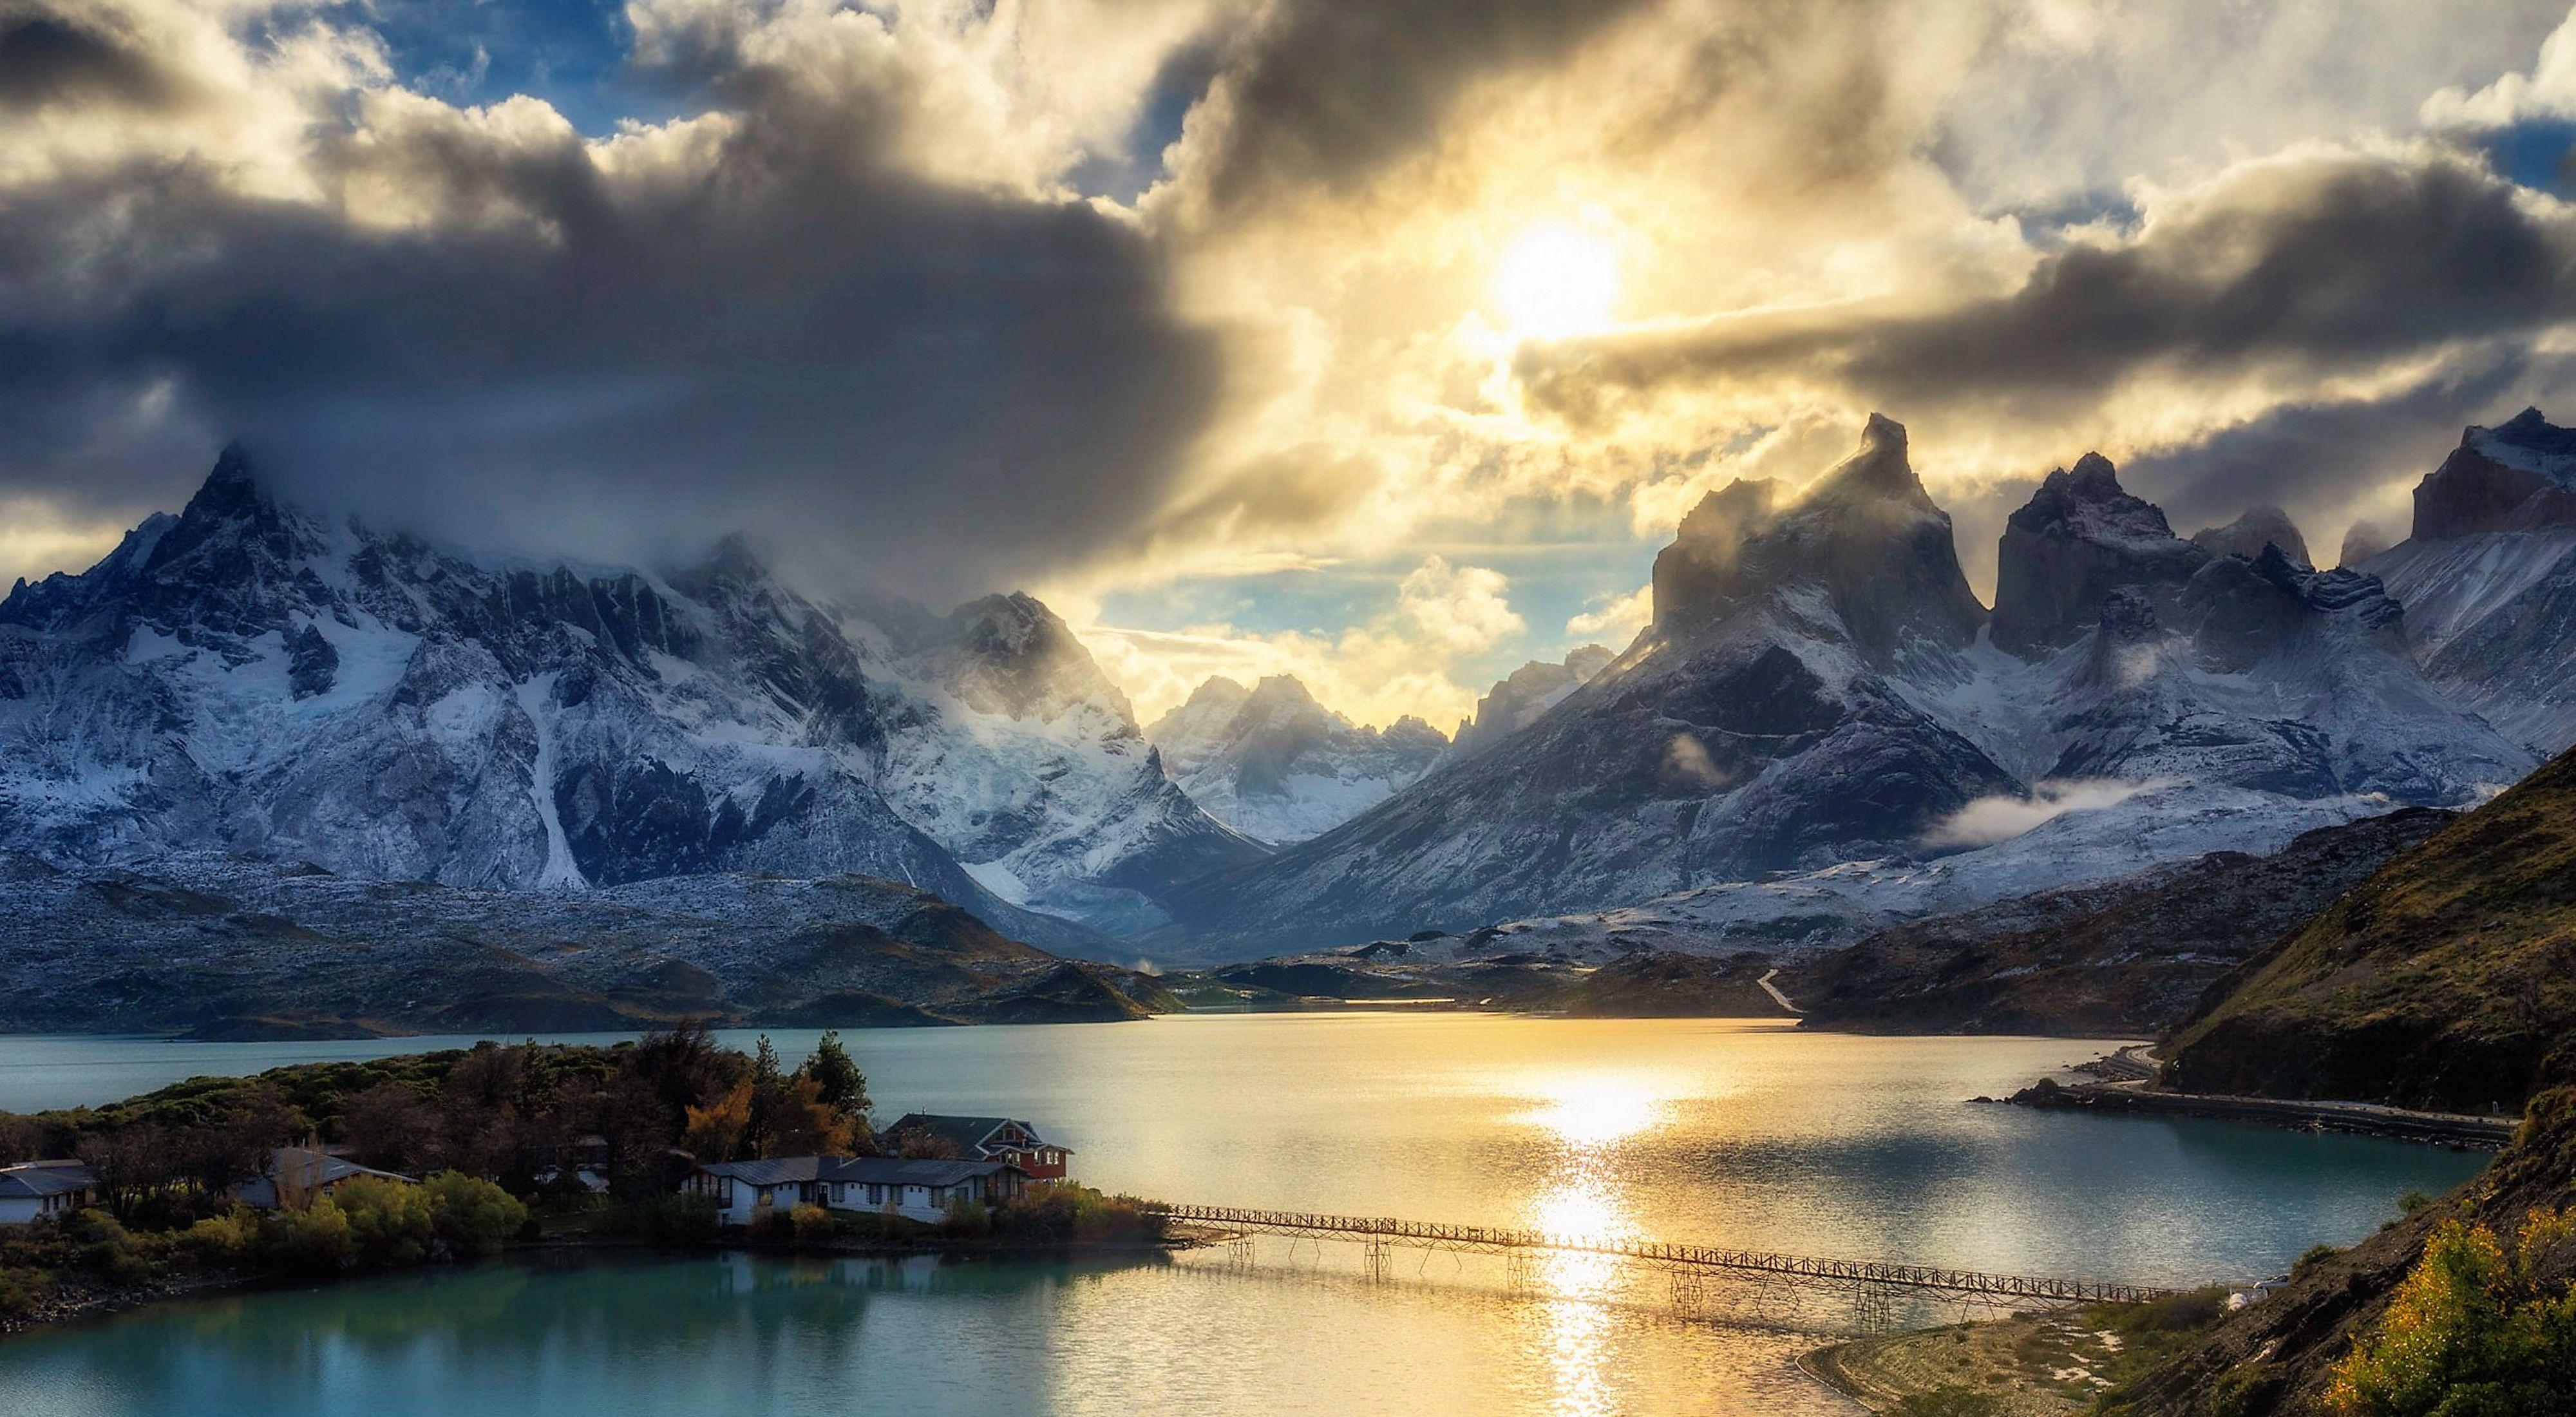 Foto tomada en el parque nacional Torres del Paine, Chile